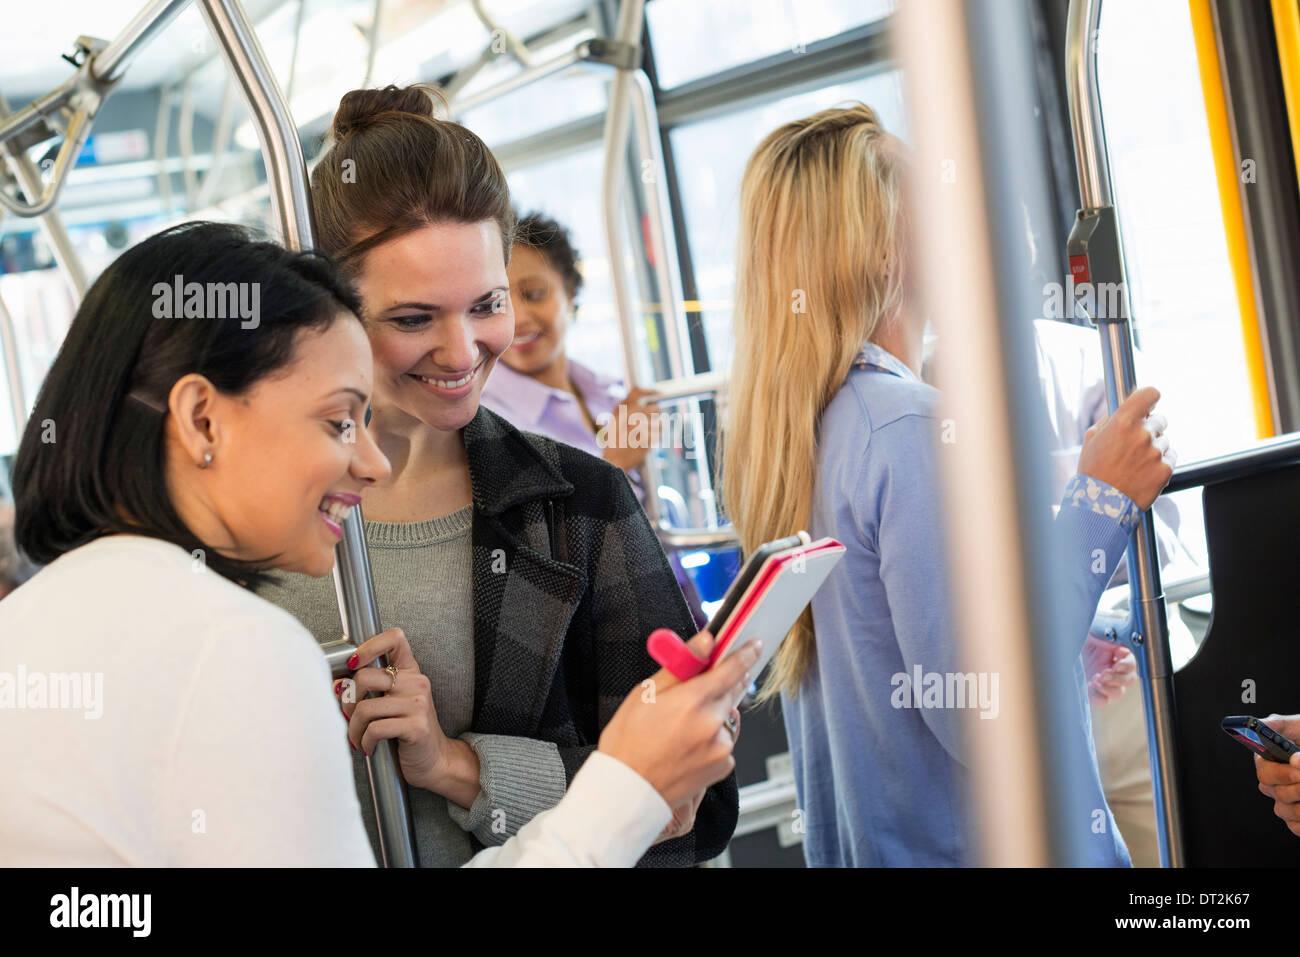 New York City Menschen-Männer und Frauen auf einem Stadtbus ÖPNV zwei Frauen, die mit einem handheld digital tablet Stockbild